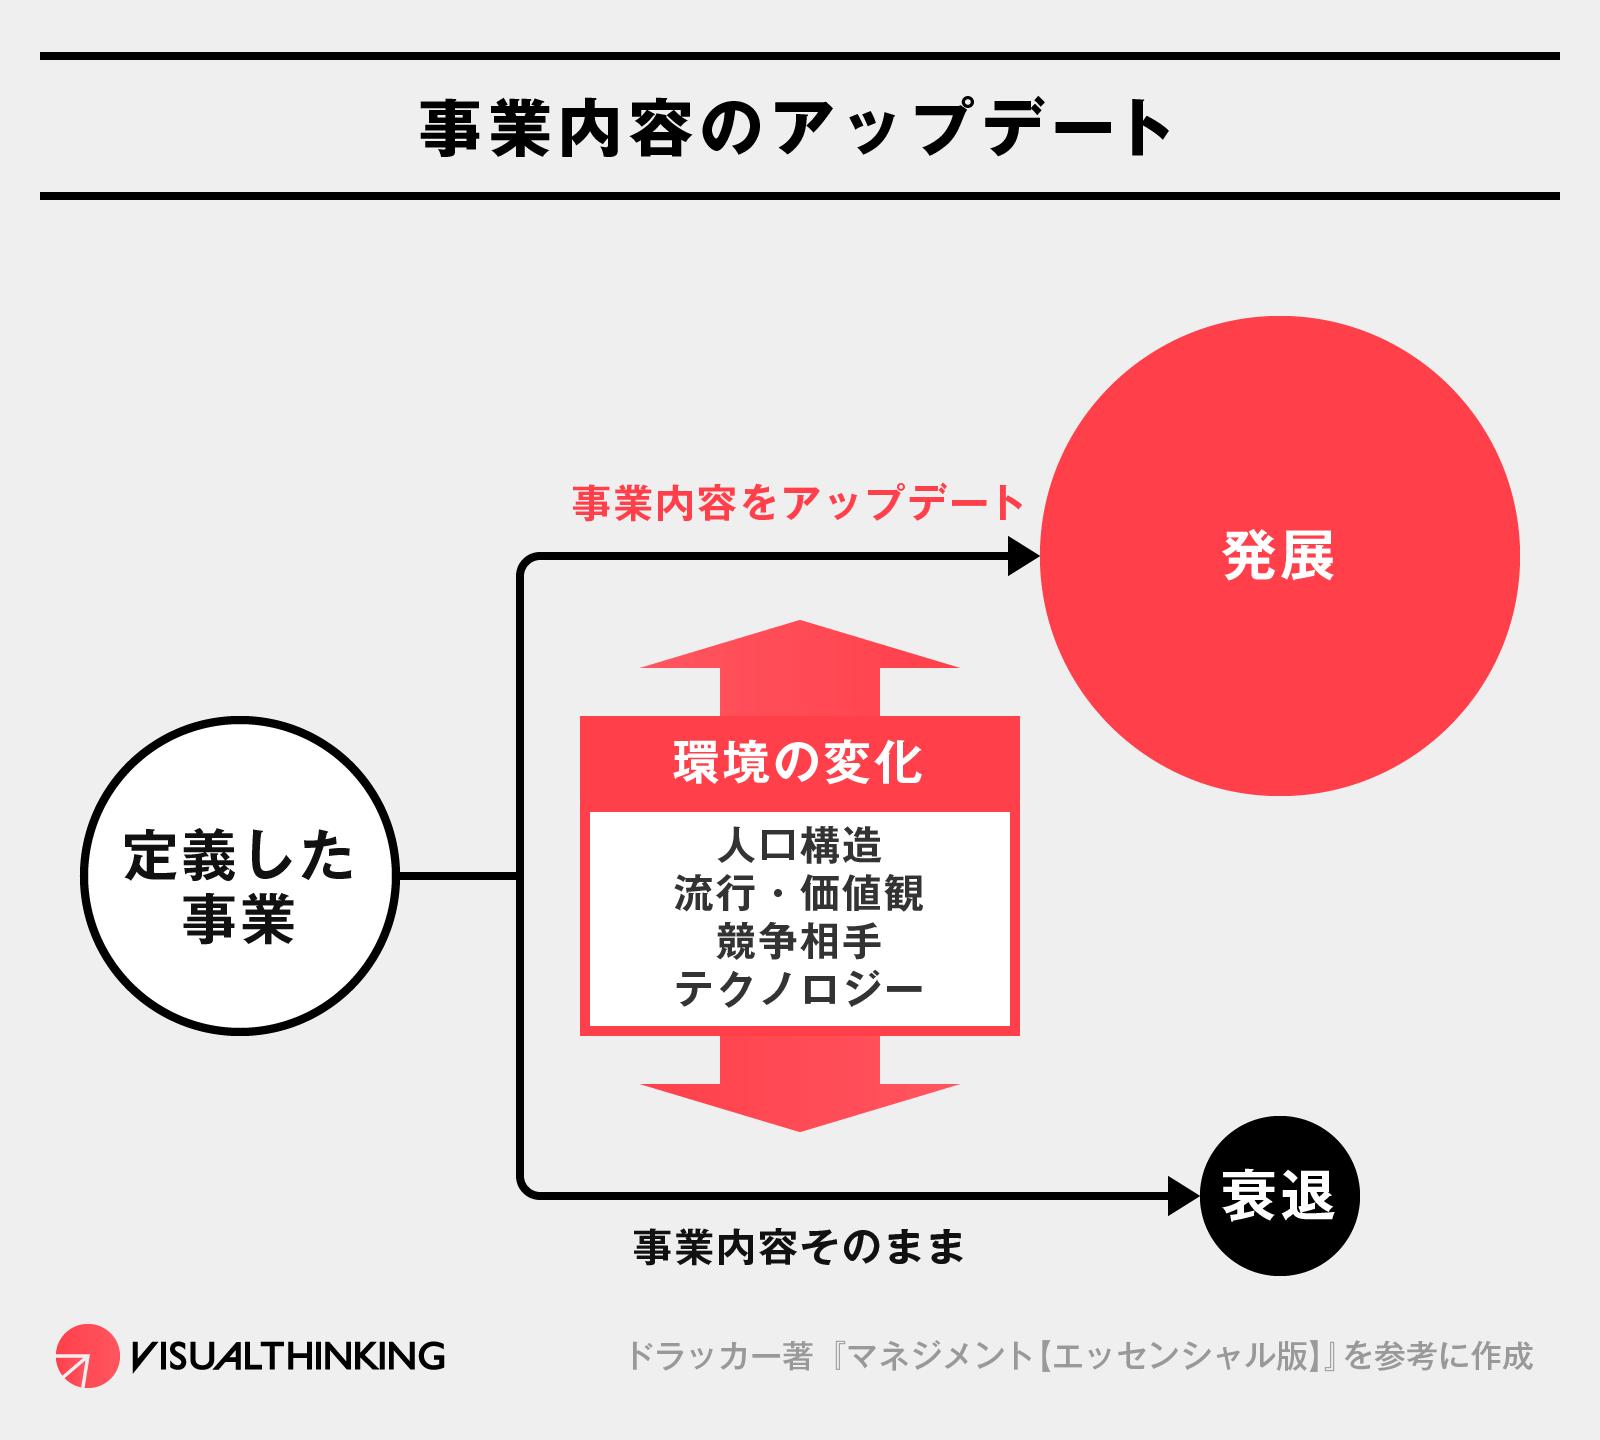 ドラッカー 図解 事業内容の定義